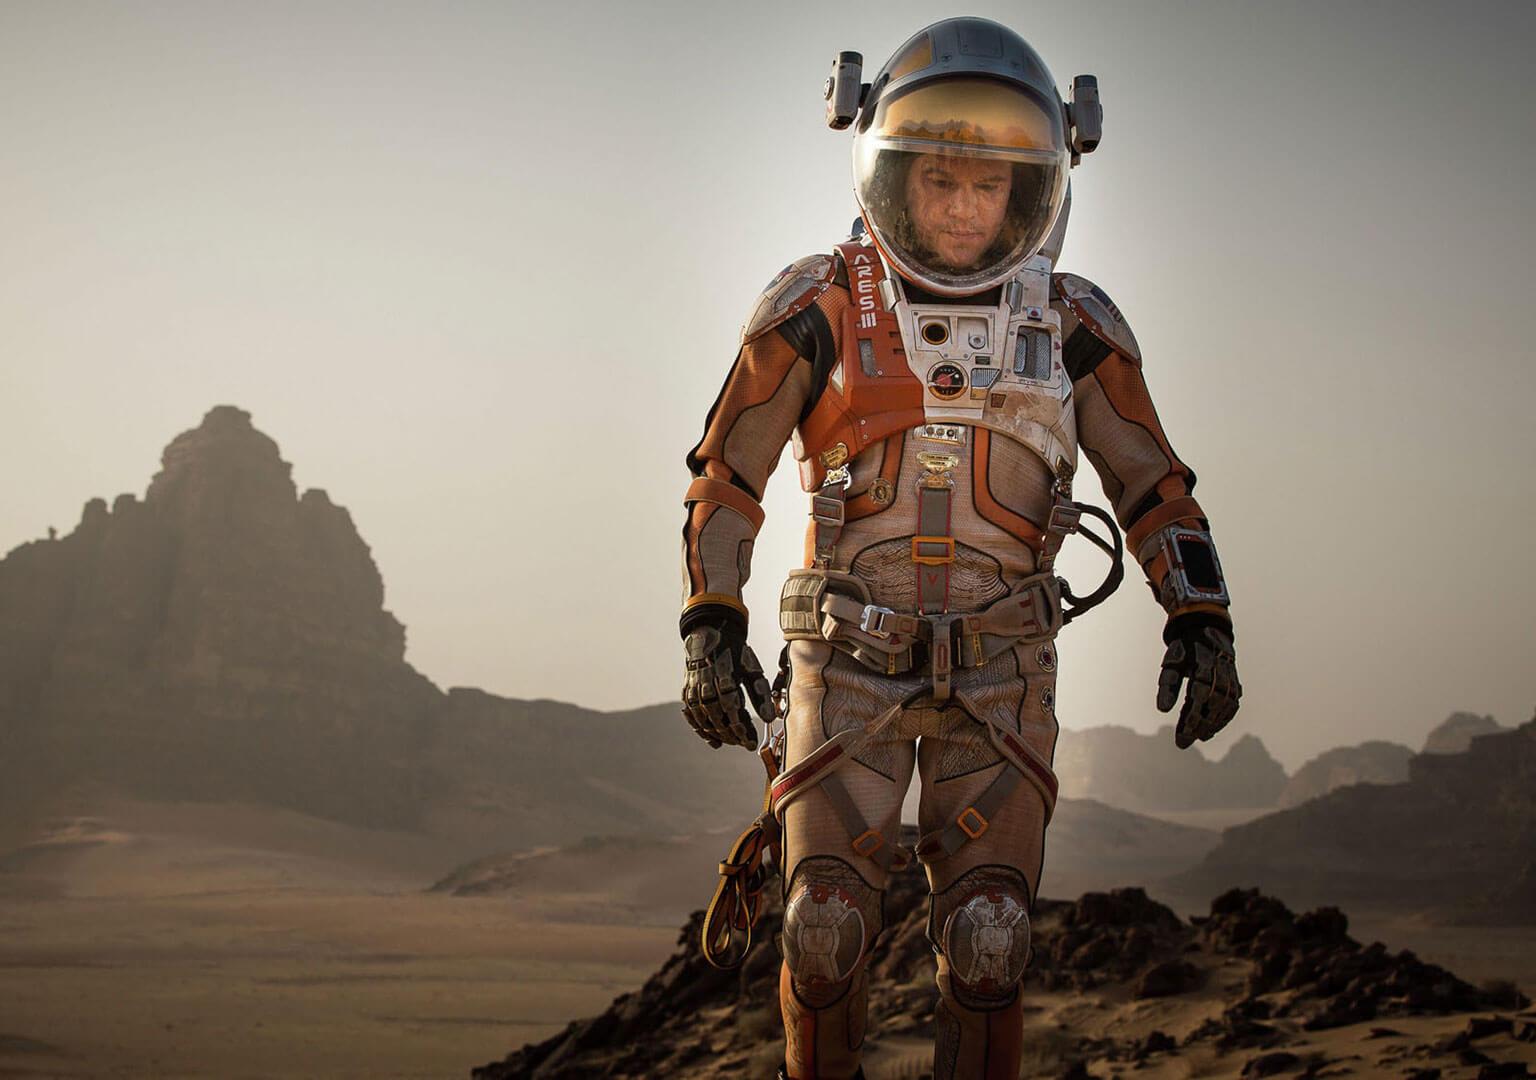 Video still from The Martian